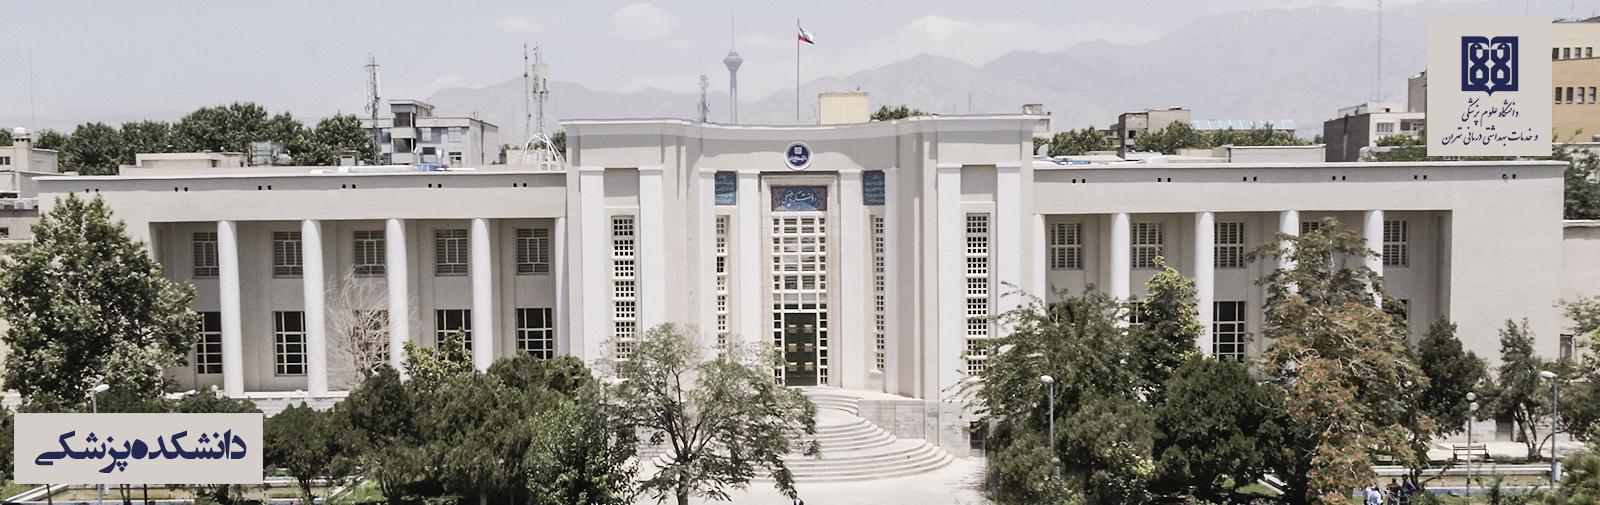 کارنامه قبولی دندانپزشکی علوم پزشکی تهران 97